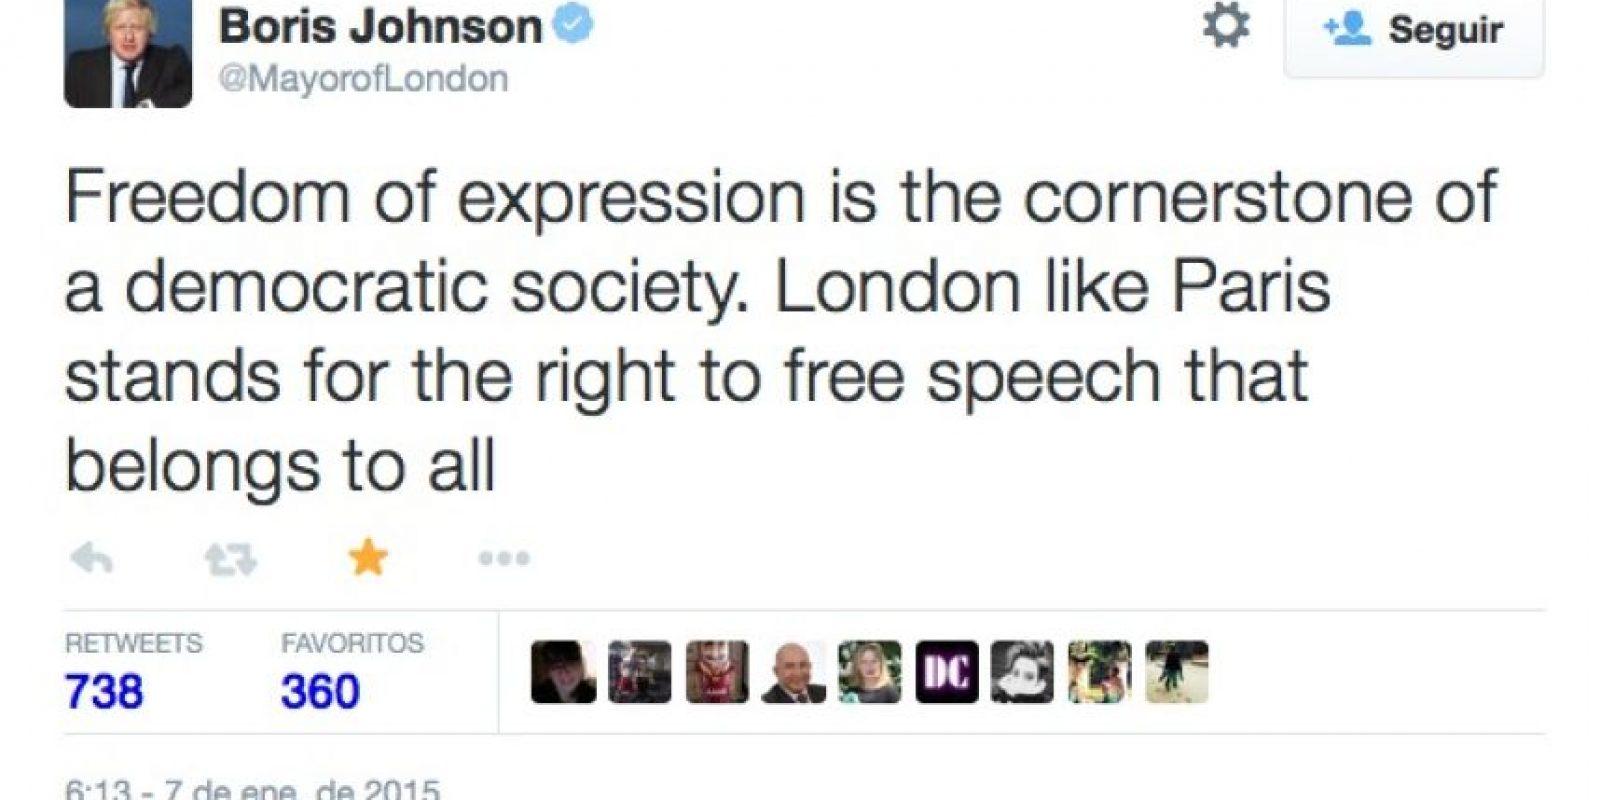 """Boris Johnson, alcalde de Londres: """"La libertad de expresión es la piedra angular de una sociedad democrática. Londres, al igual que París, apoya el derecho a la libertad de expresión, que le pertenece a todos"""". Foto:Twitter"""